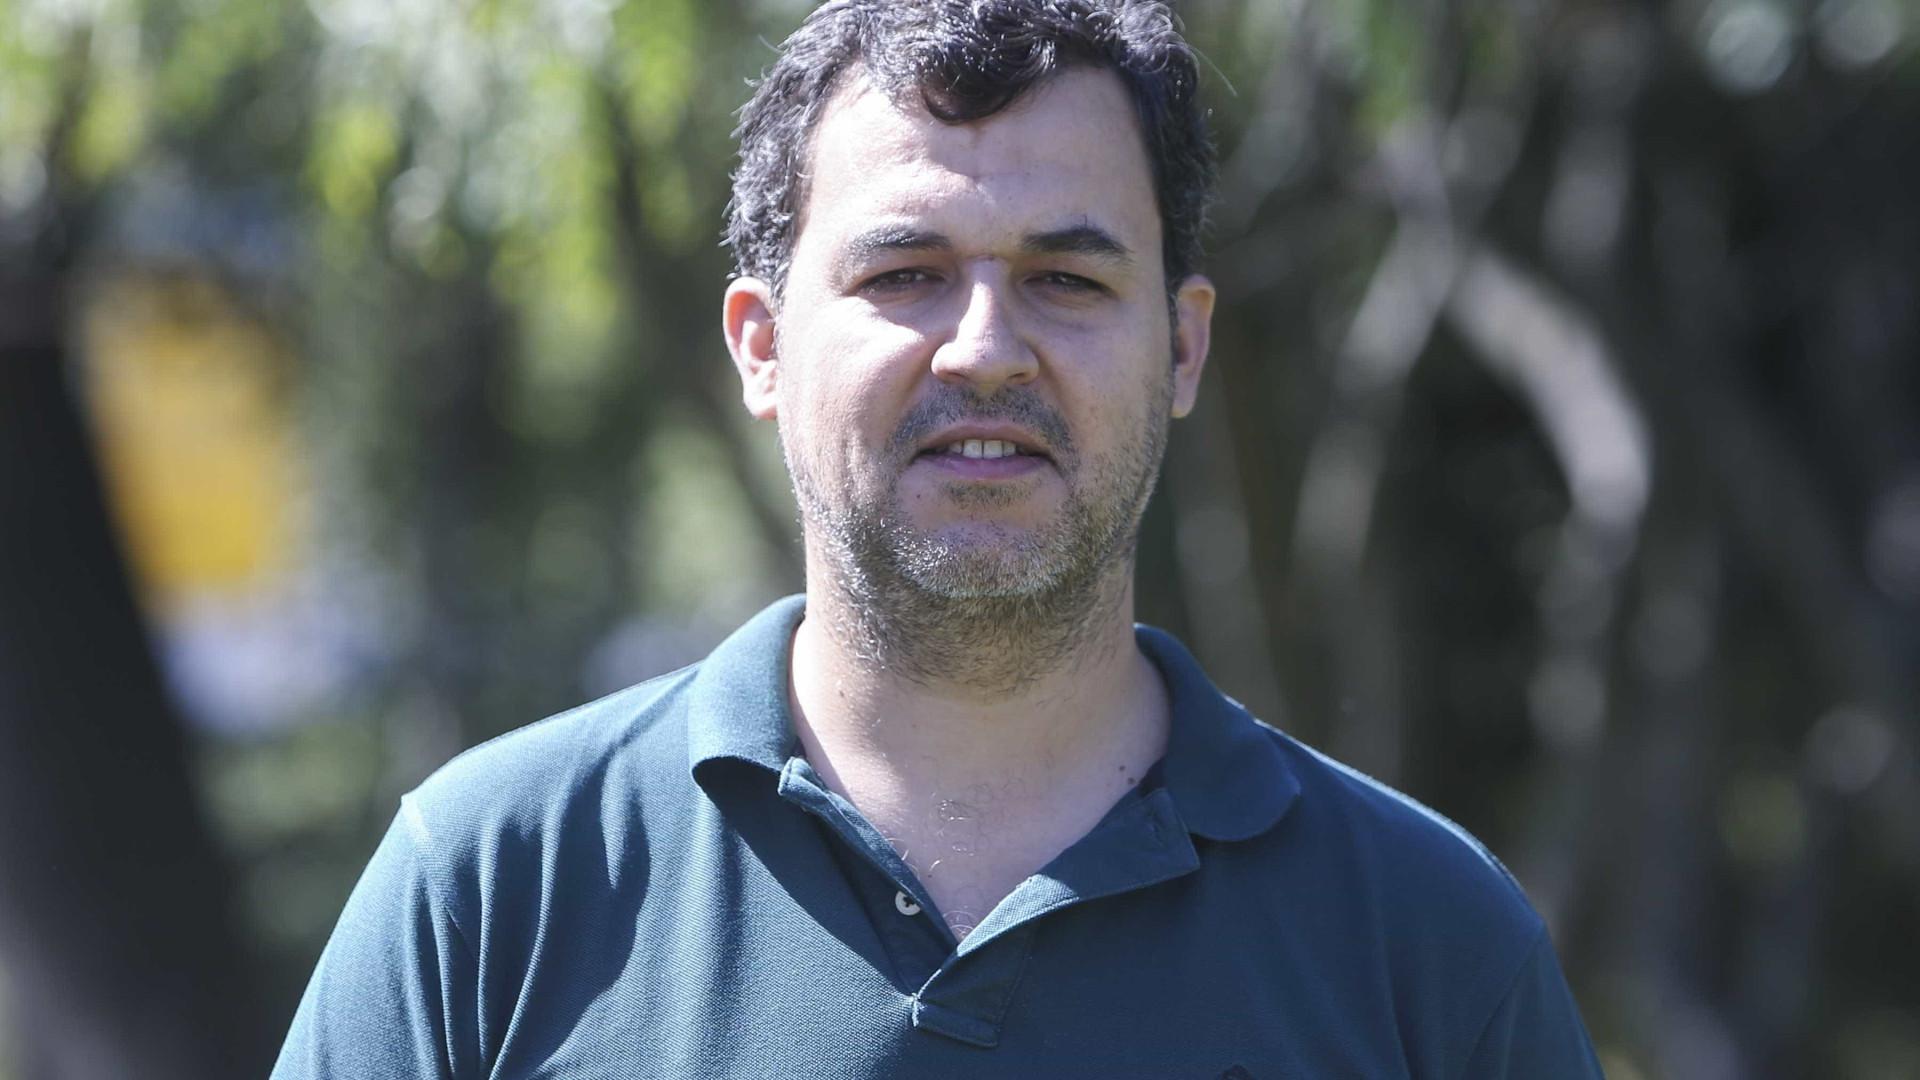 André Silva, o defensor dos animais que chegou ao Parlamento